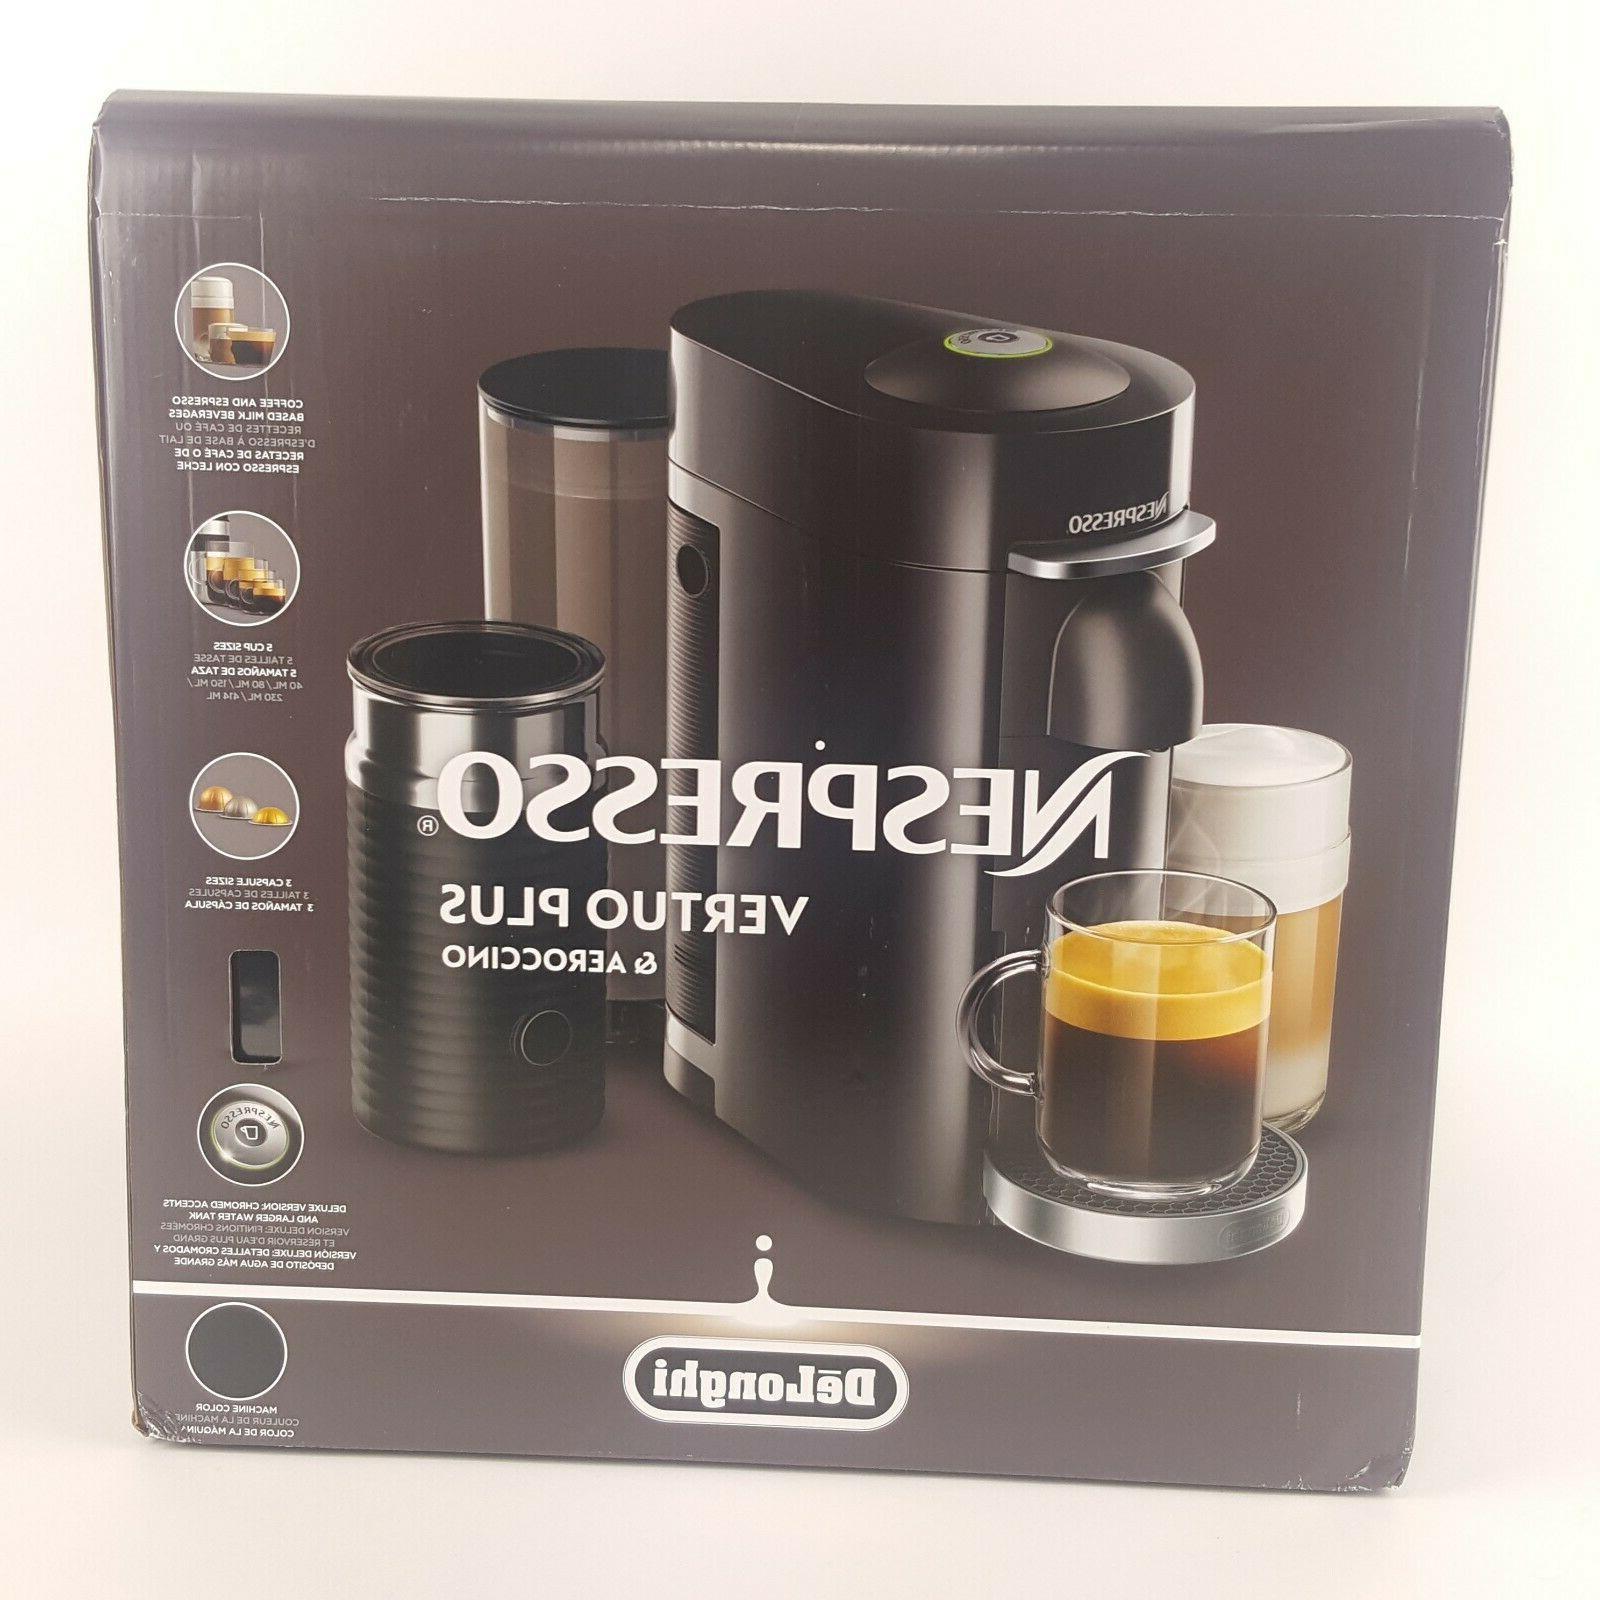 Nespresso Vertuo Plus Coffee and Espresso with Black